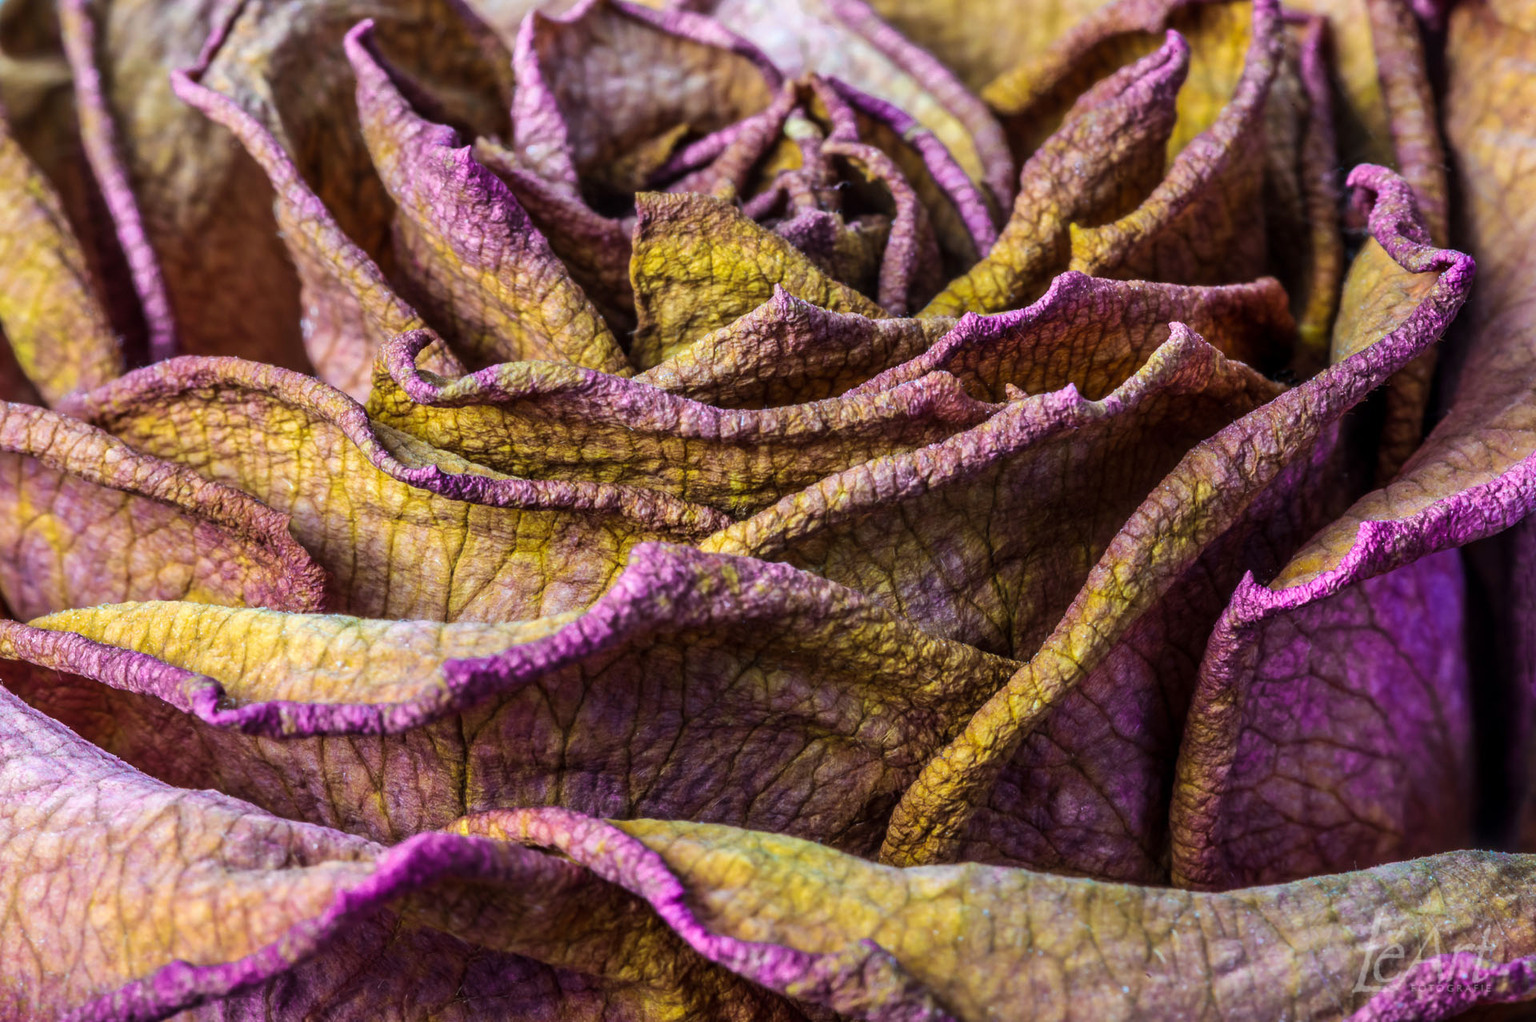 The Rose - vergane glorie - foto door rannoch op 04-05-2021 - locatie: Veenendaal, Nederland - deze foto bevat: purper, magenta, wol, patroon, detailopname, draad, wollen, elektrisch blauw, natuurlijk materiaal, rif